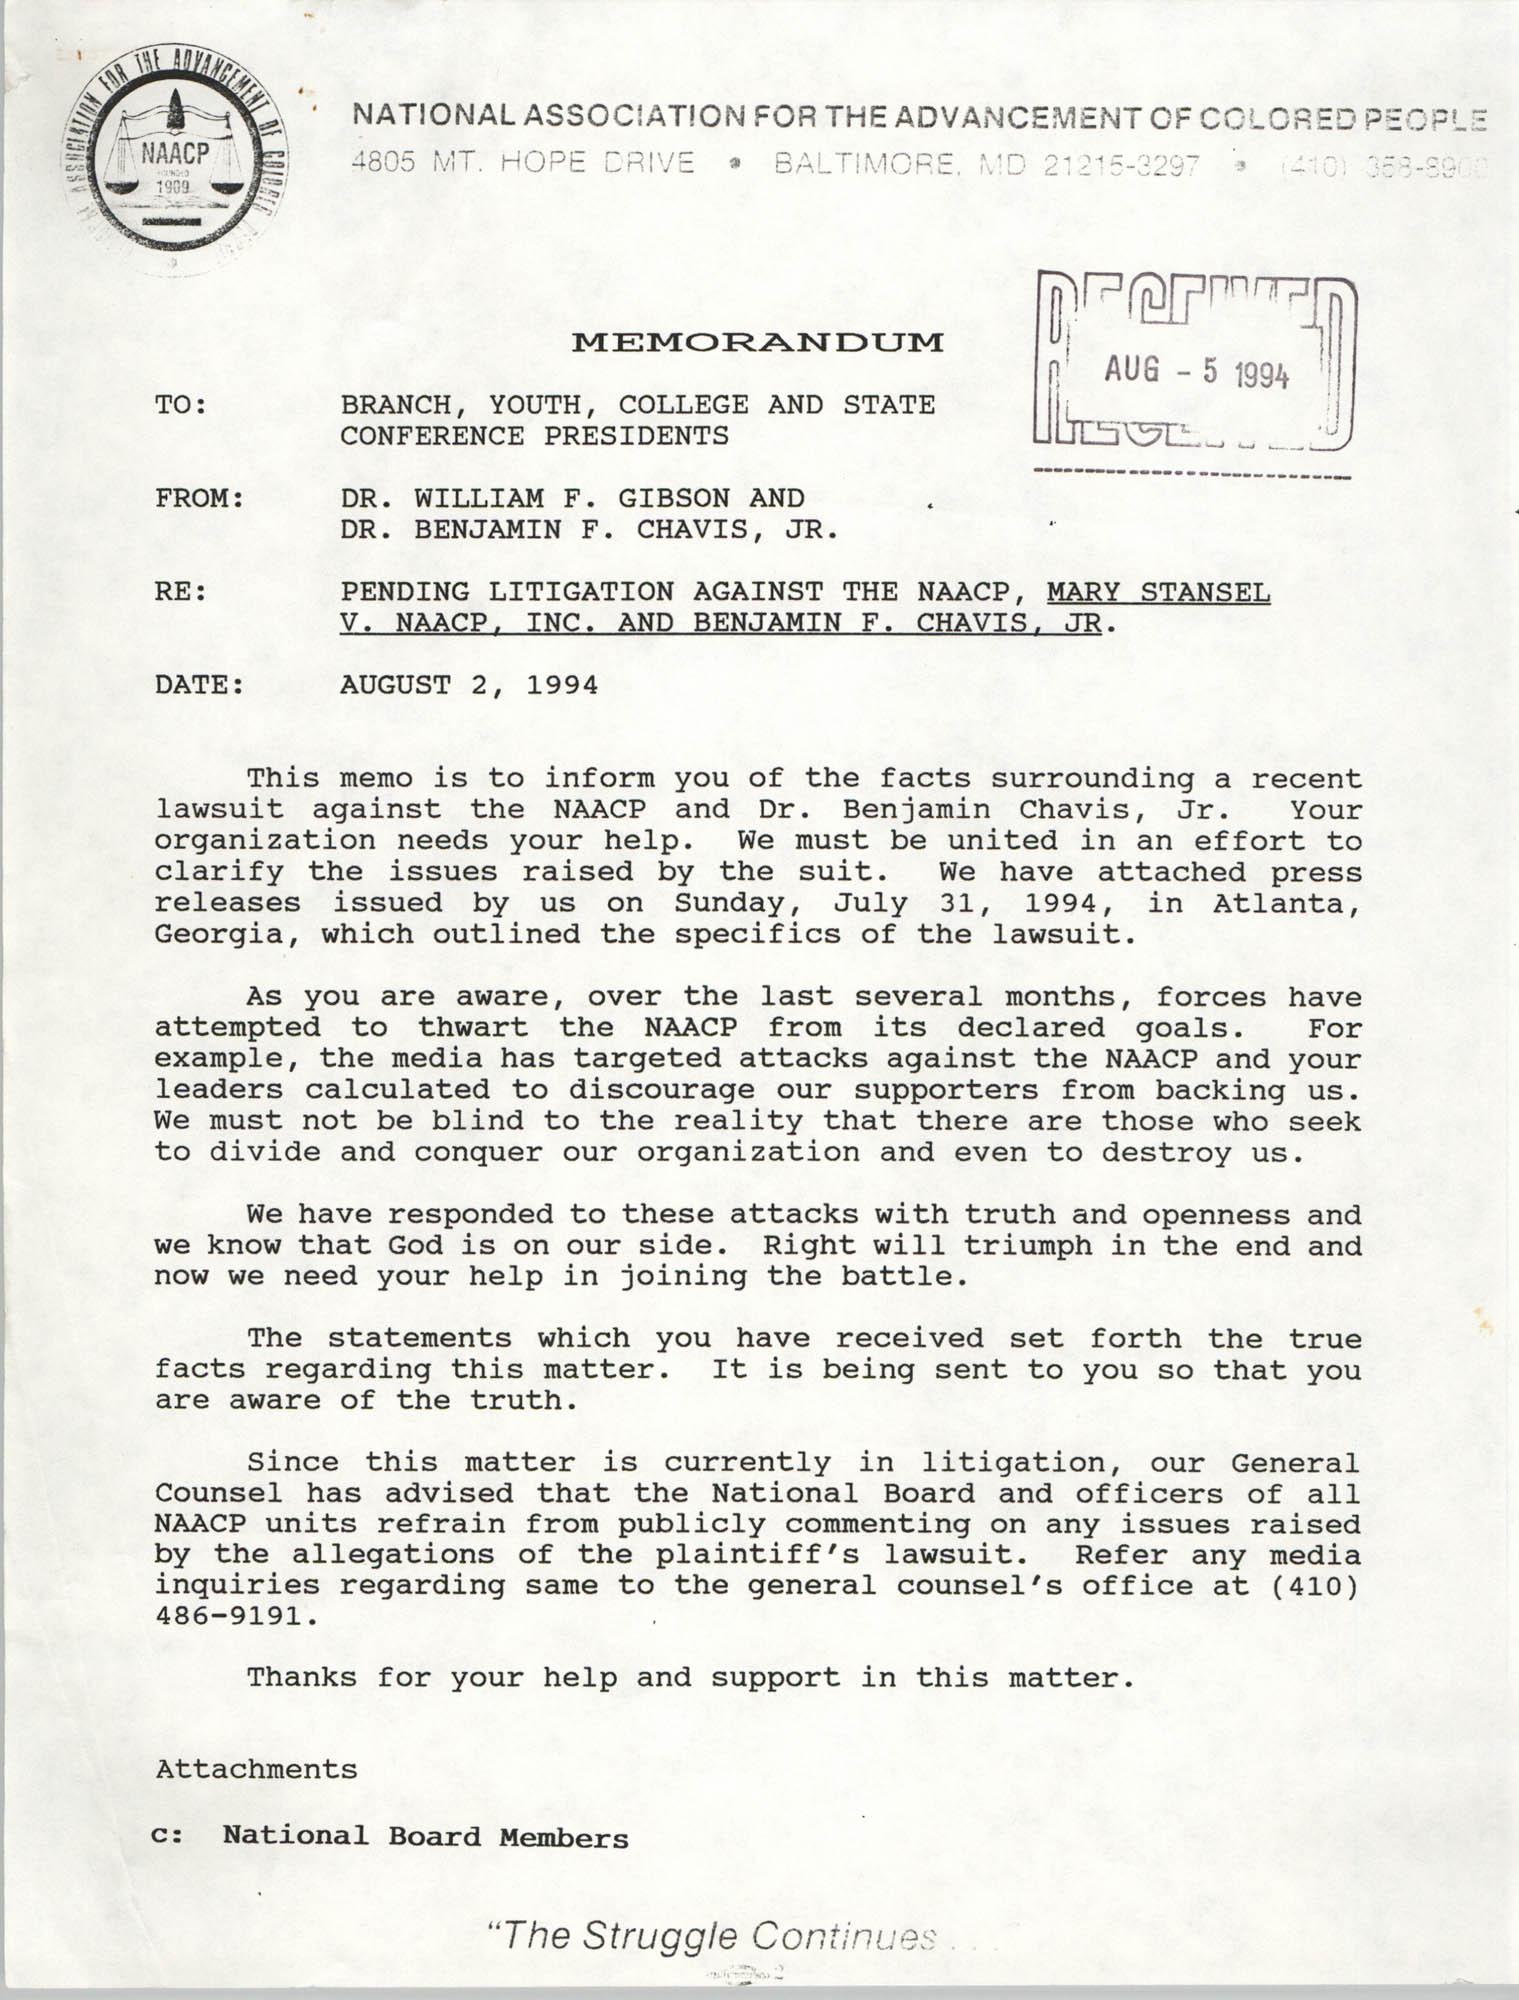 NAACP Memorandum, August 2, 1994